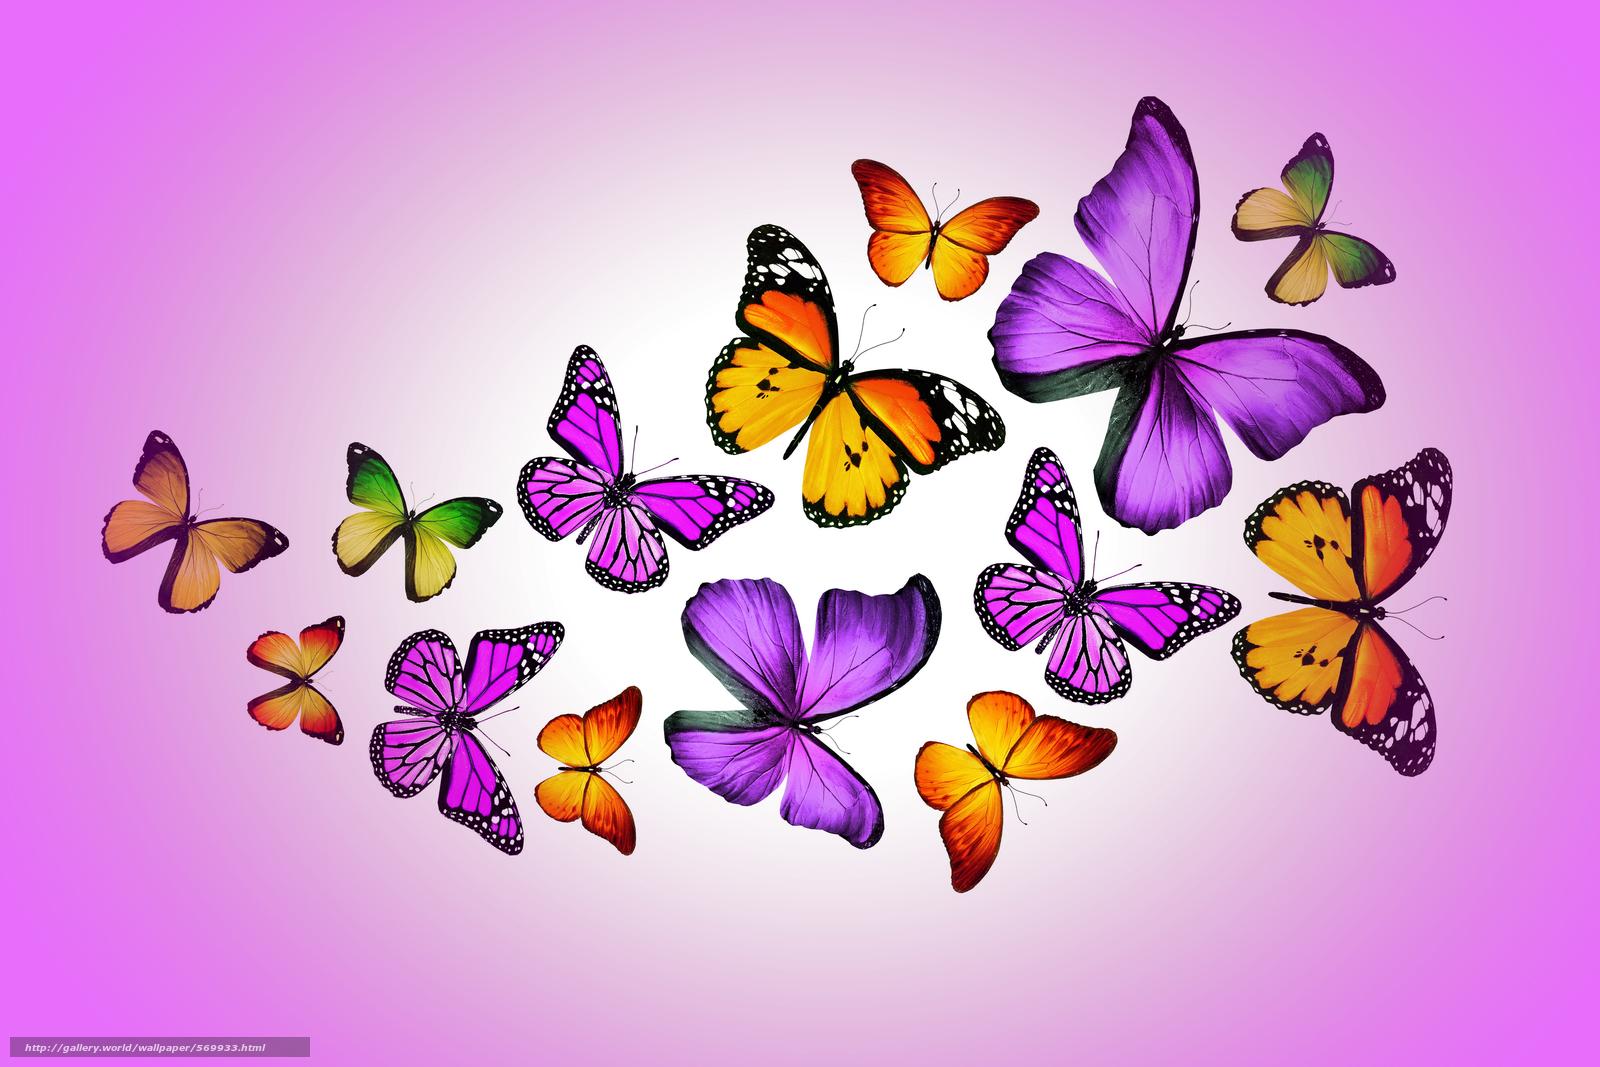 Scaricare gli sfondi farfalle sfondi gratis per la for Sfondi farfalle gratis